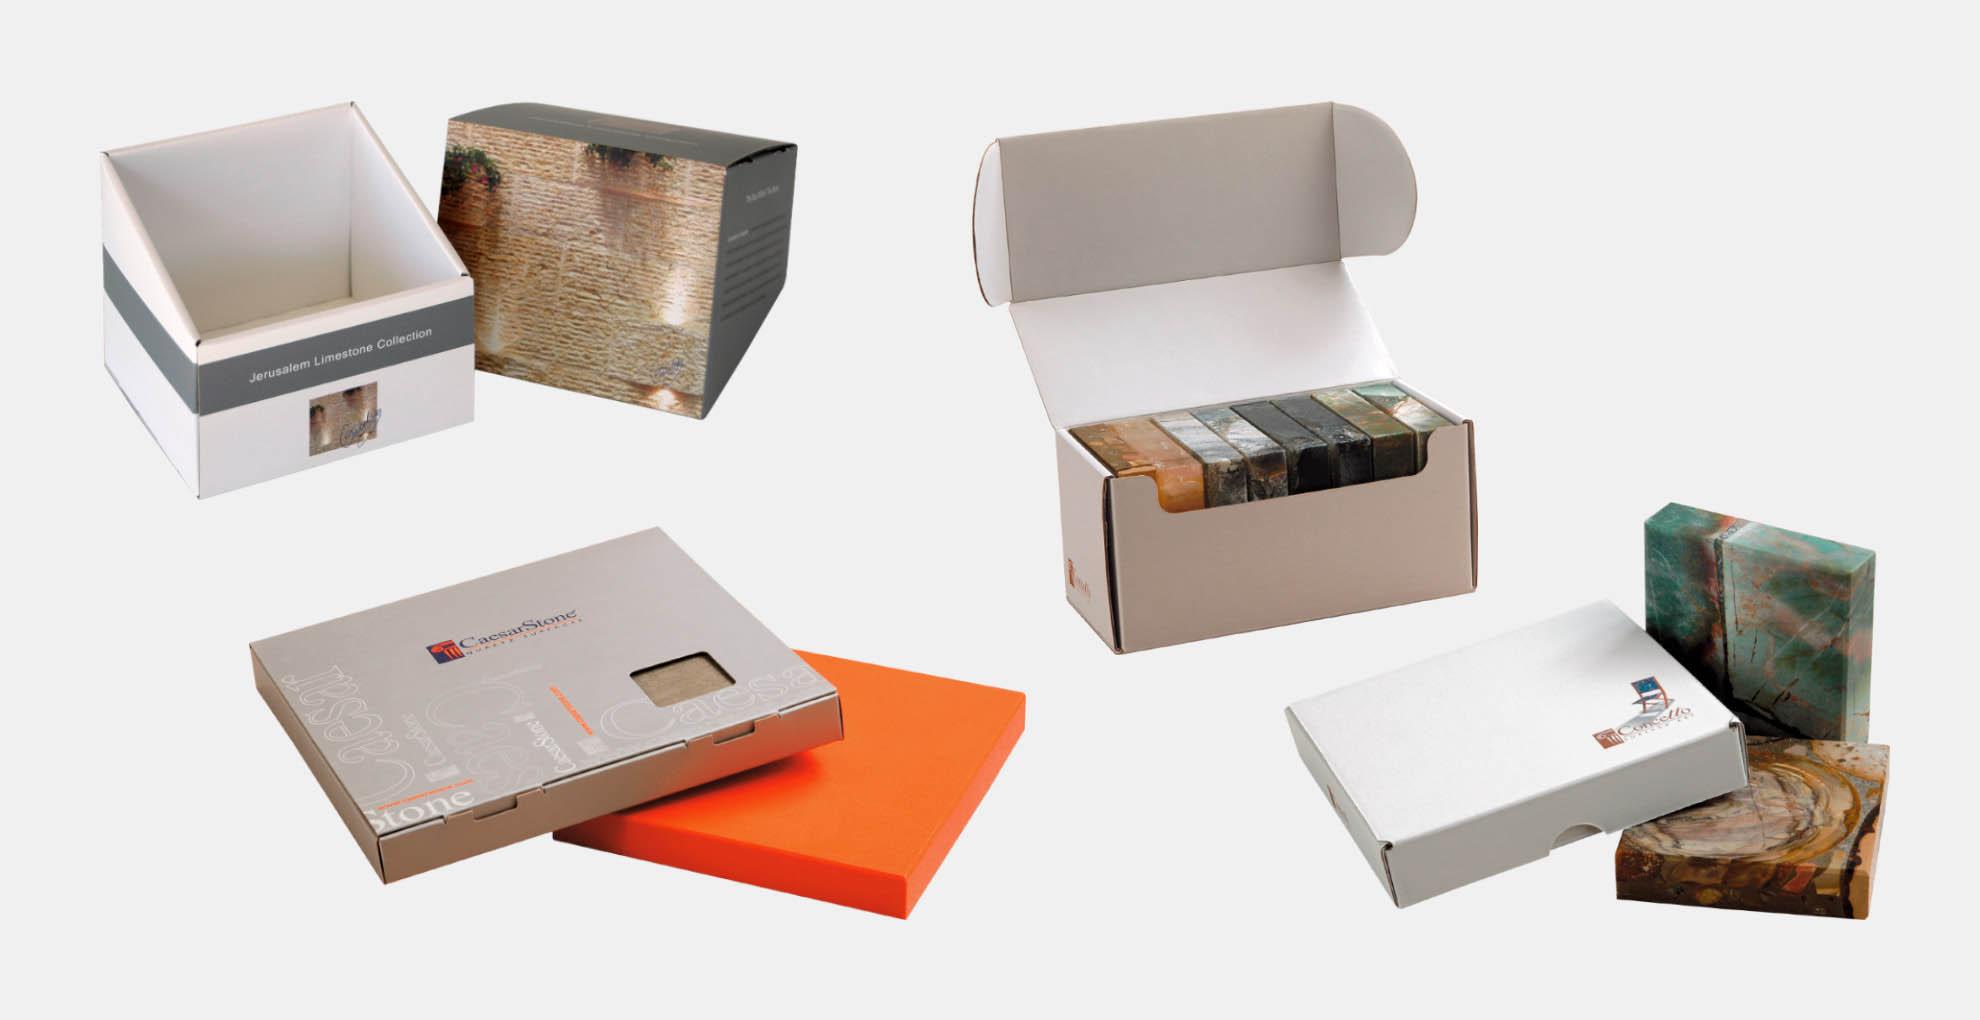 מארזים וקופסאות של דוגמאות ממותגות בהתאמה אישית, חיתוך צורני מקרטון גלי